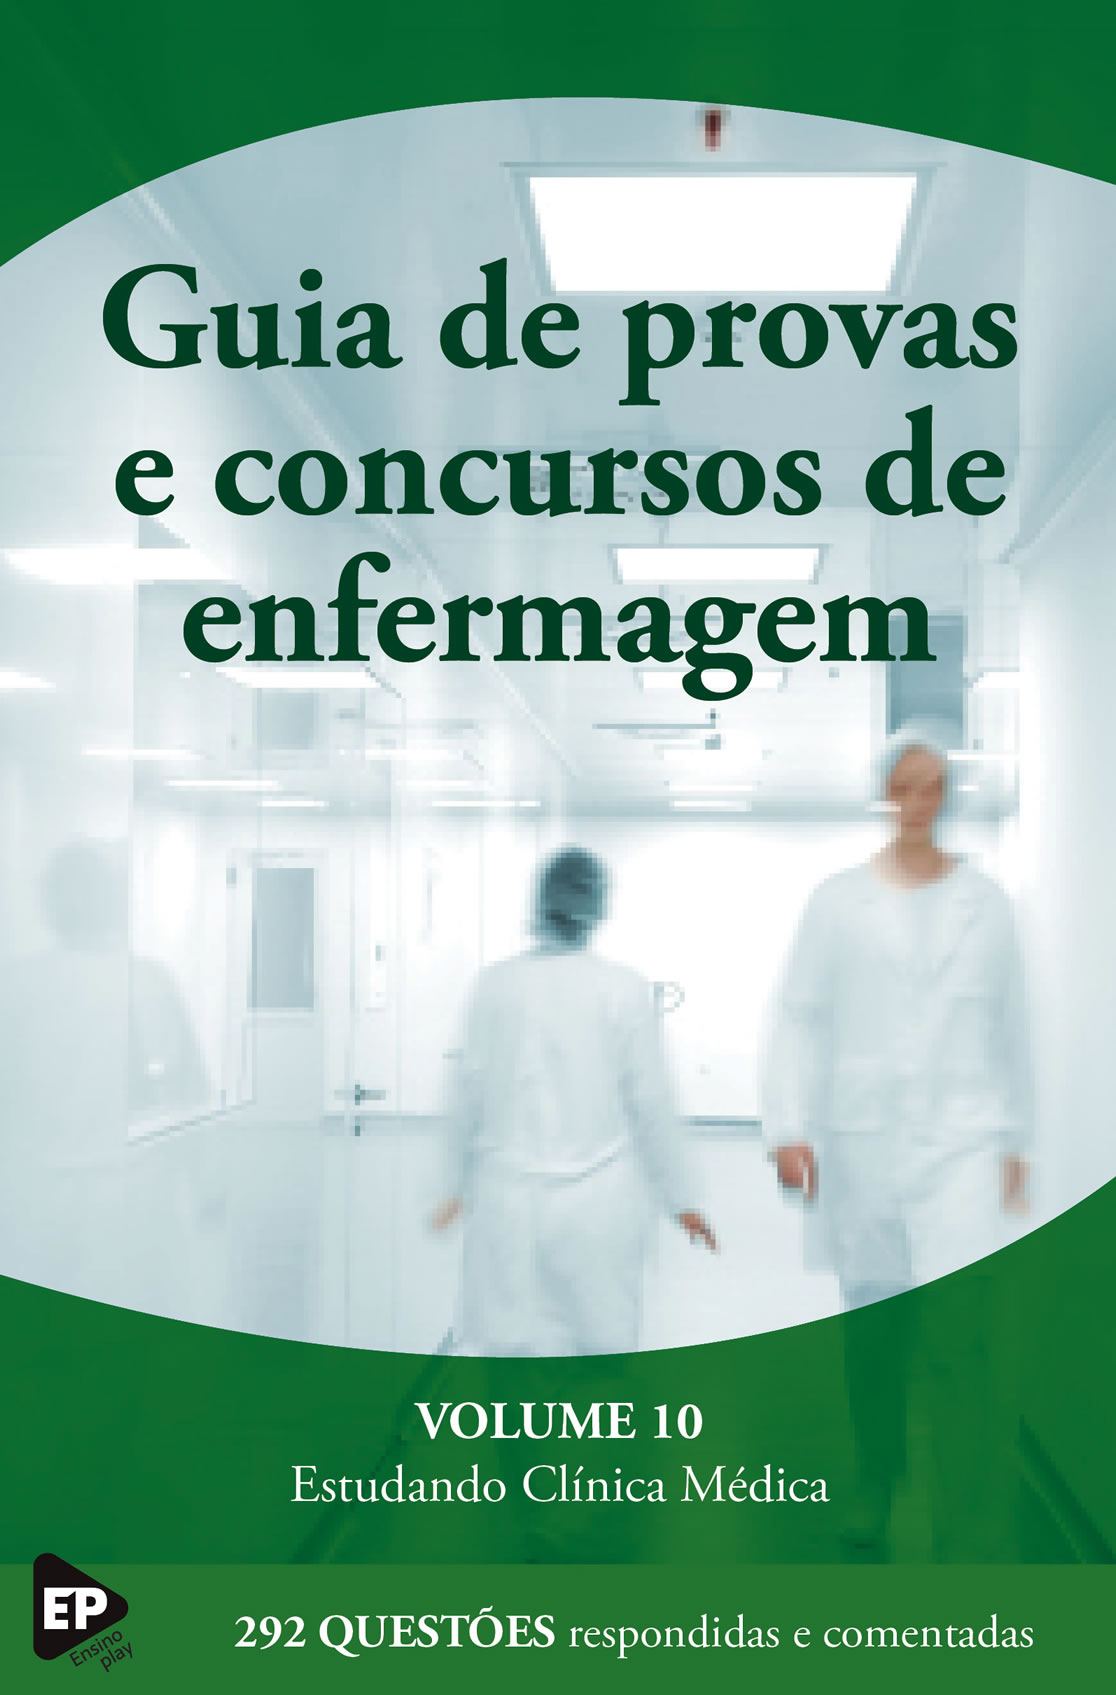 Guia de Provas e Concursos de Enfermagem V.10